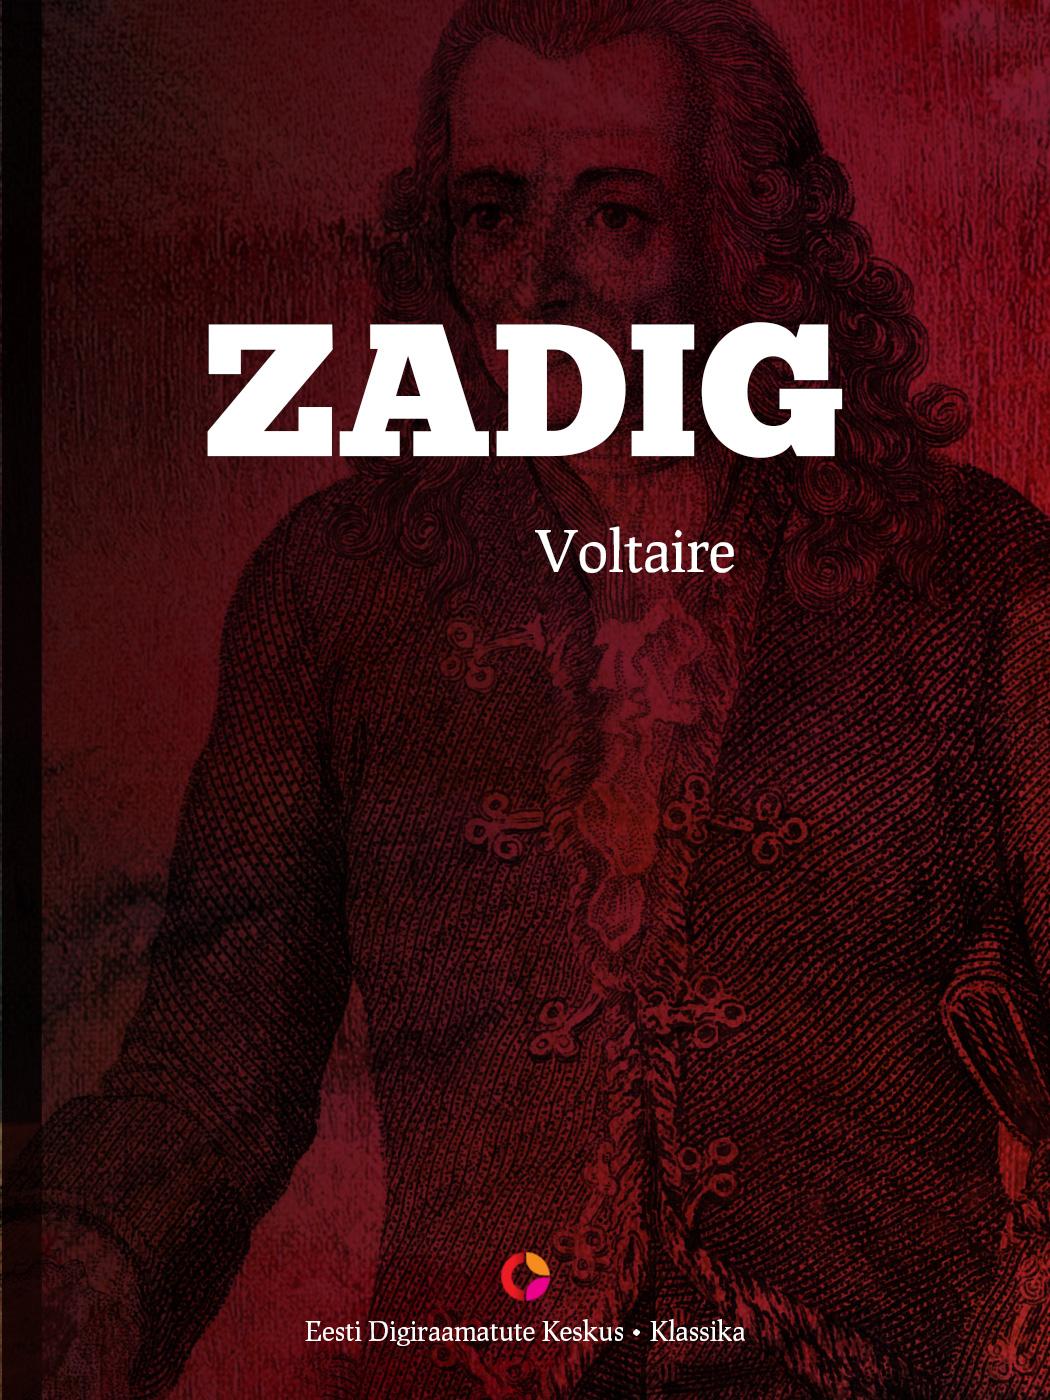 Вольтер Zadig ehk Saatus jakob pärn oma tuba oma luba ehk lahwardi kristjani ja metsawahi leenu armastuse lugu